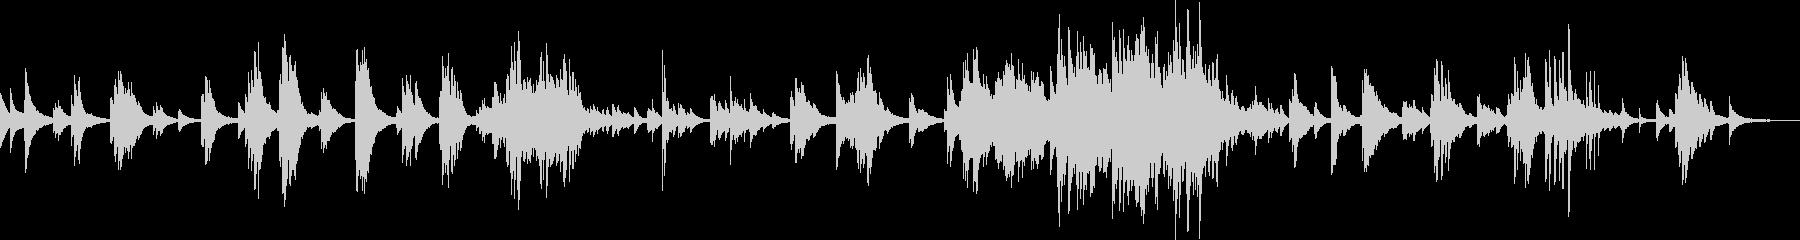 優しくて切ないピアノバラード(しっとり)の未再生の波形